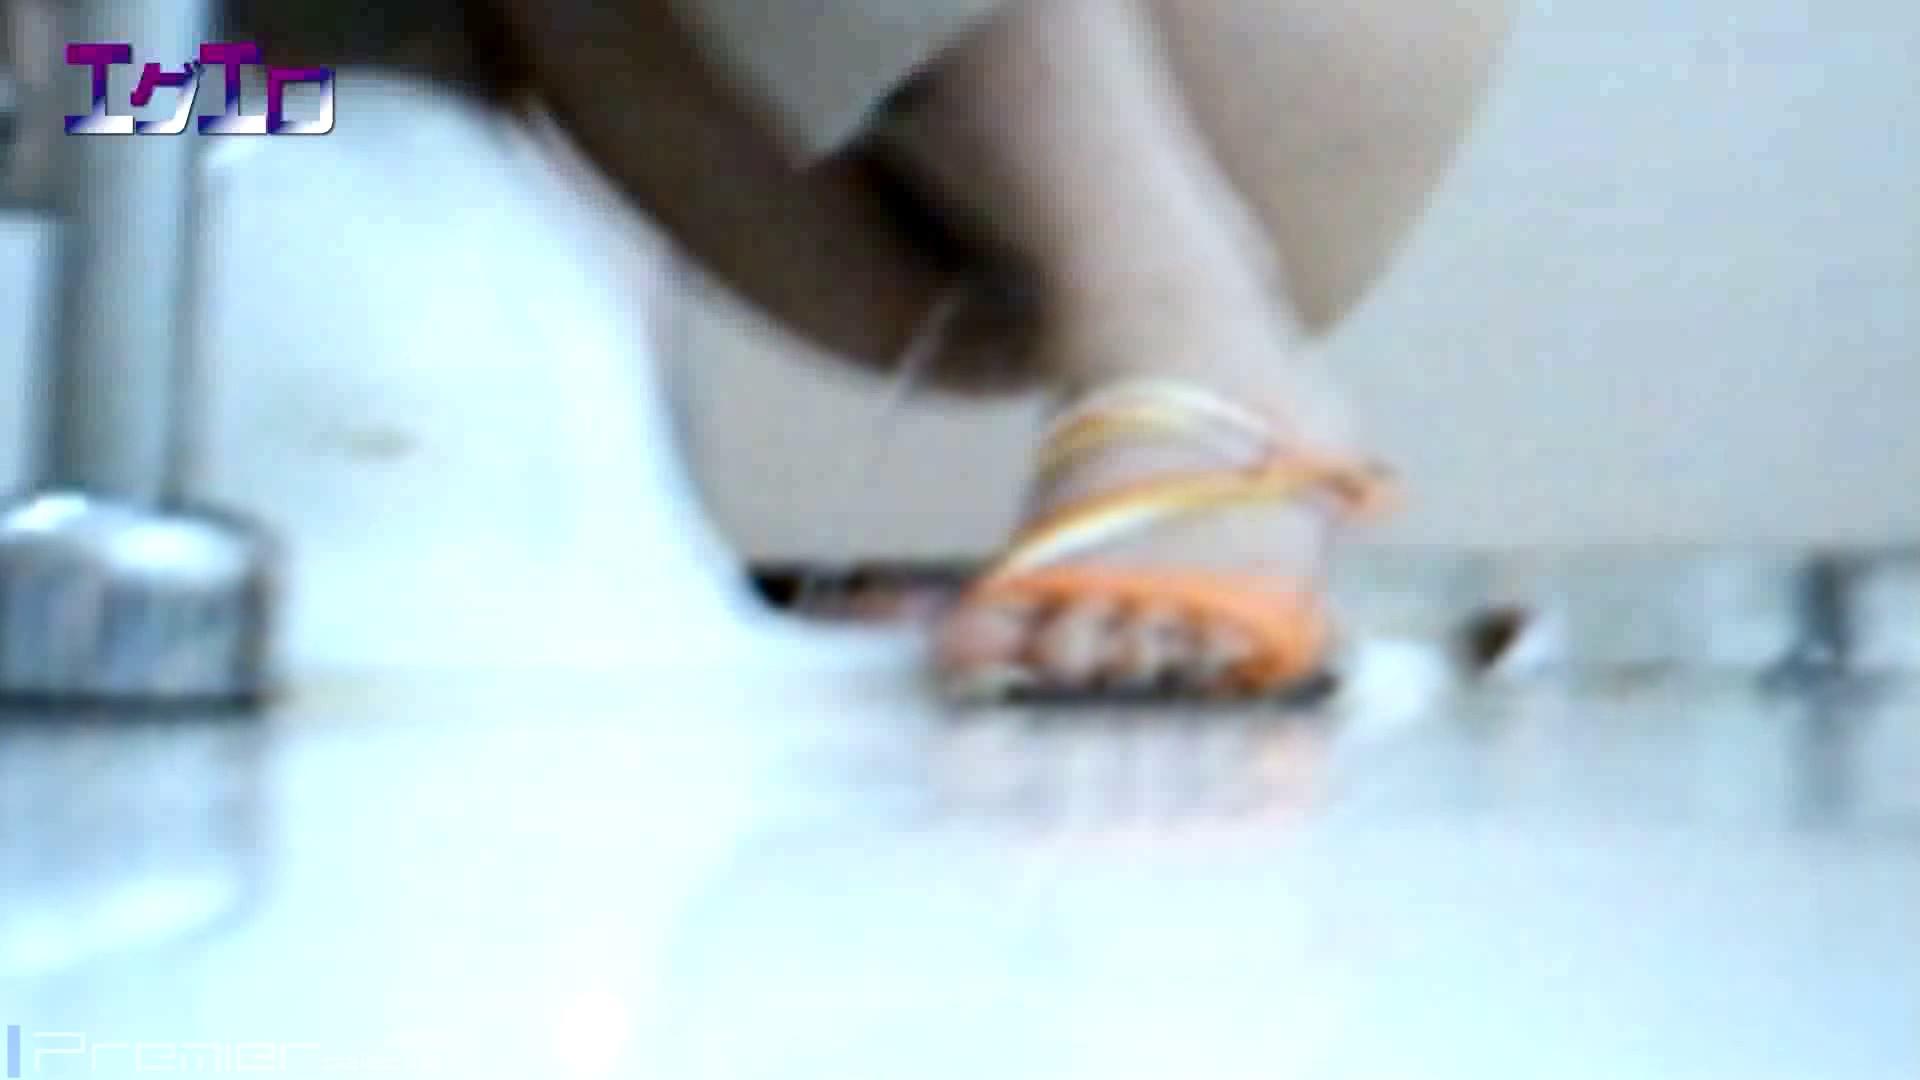 至近距離洗面所 Vol.09夏ギャルキタ~和式トイレ放nyoショー 洗面所 すけべAV動画紹介 80画像 14